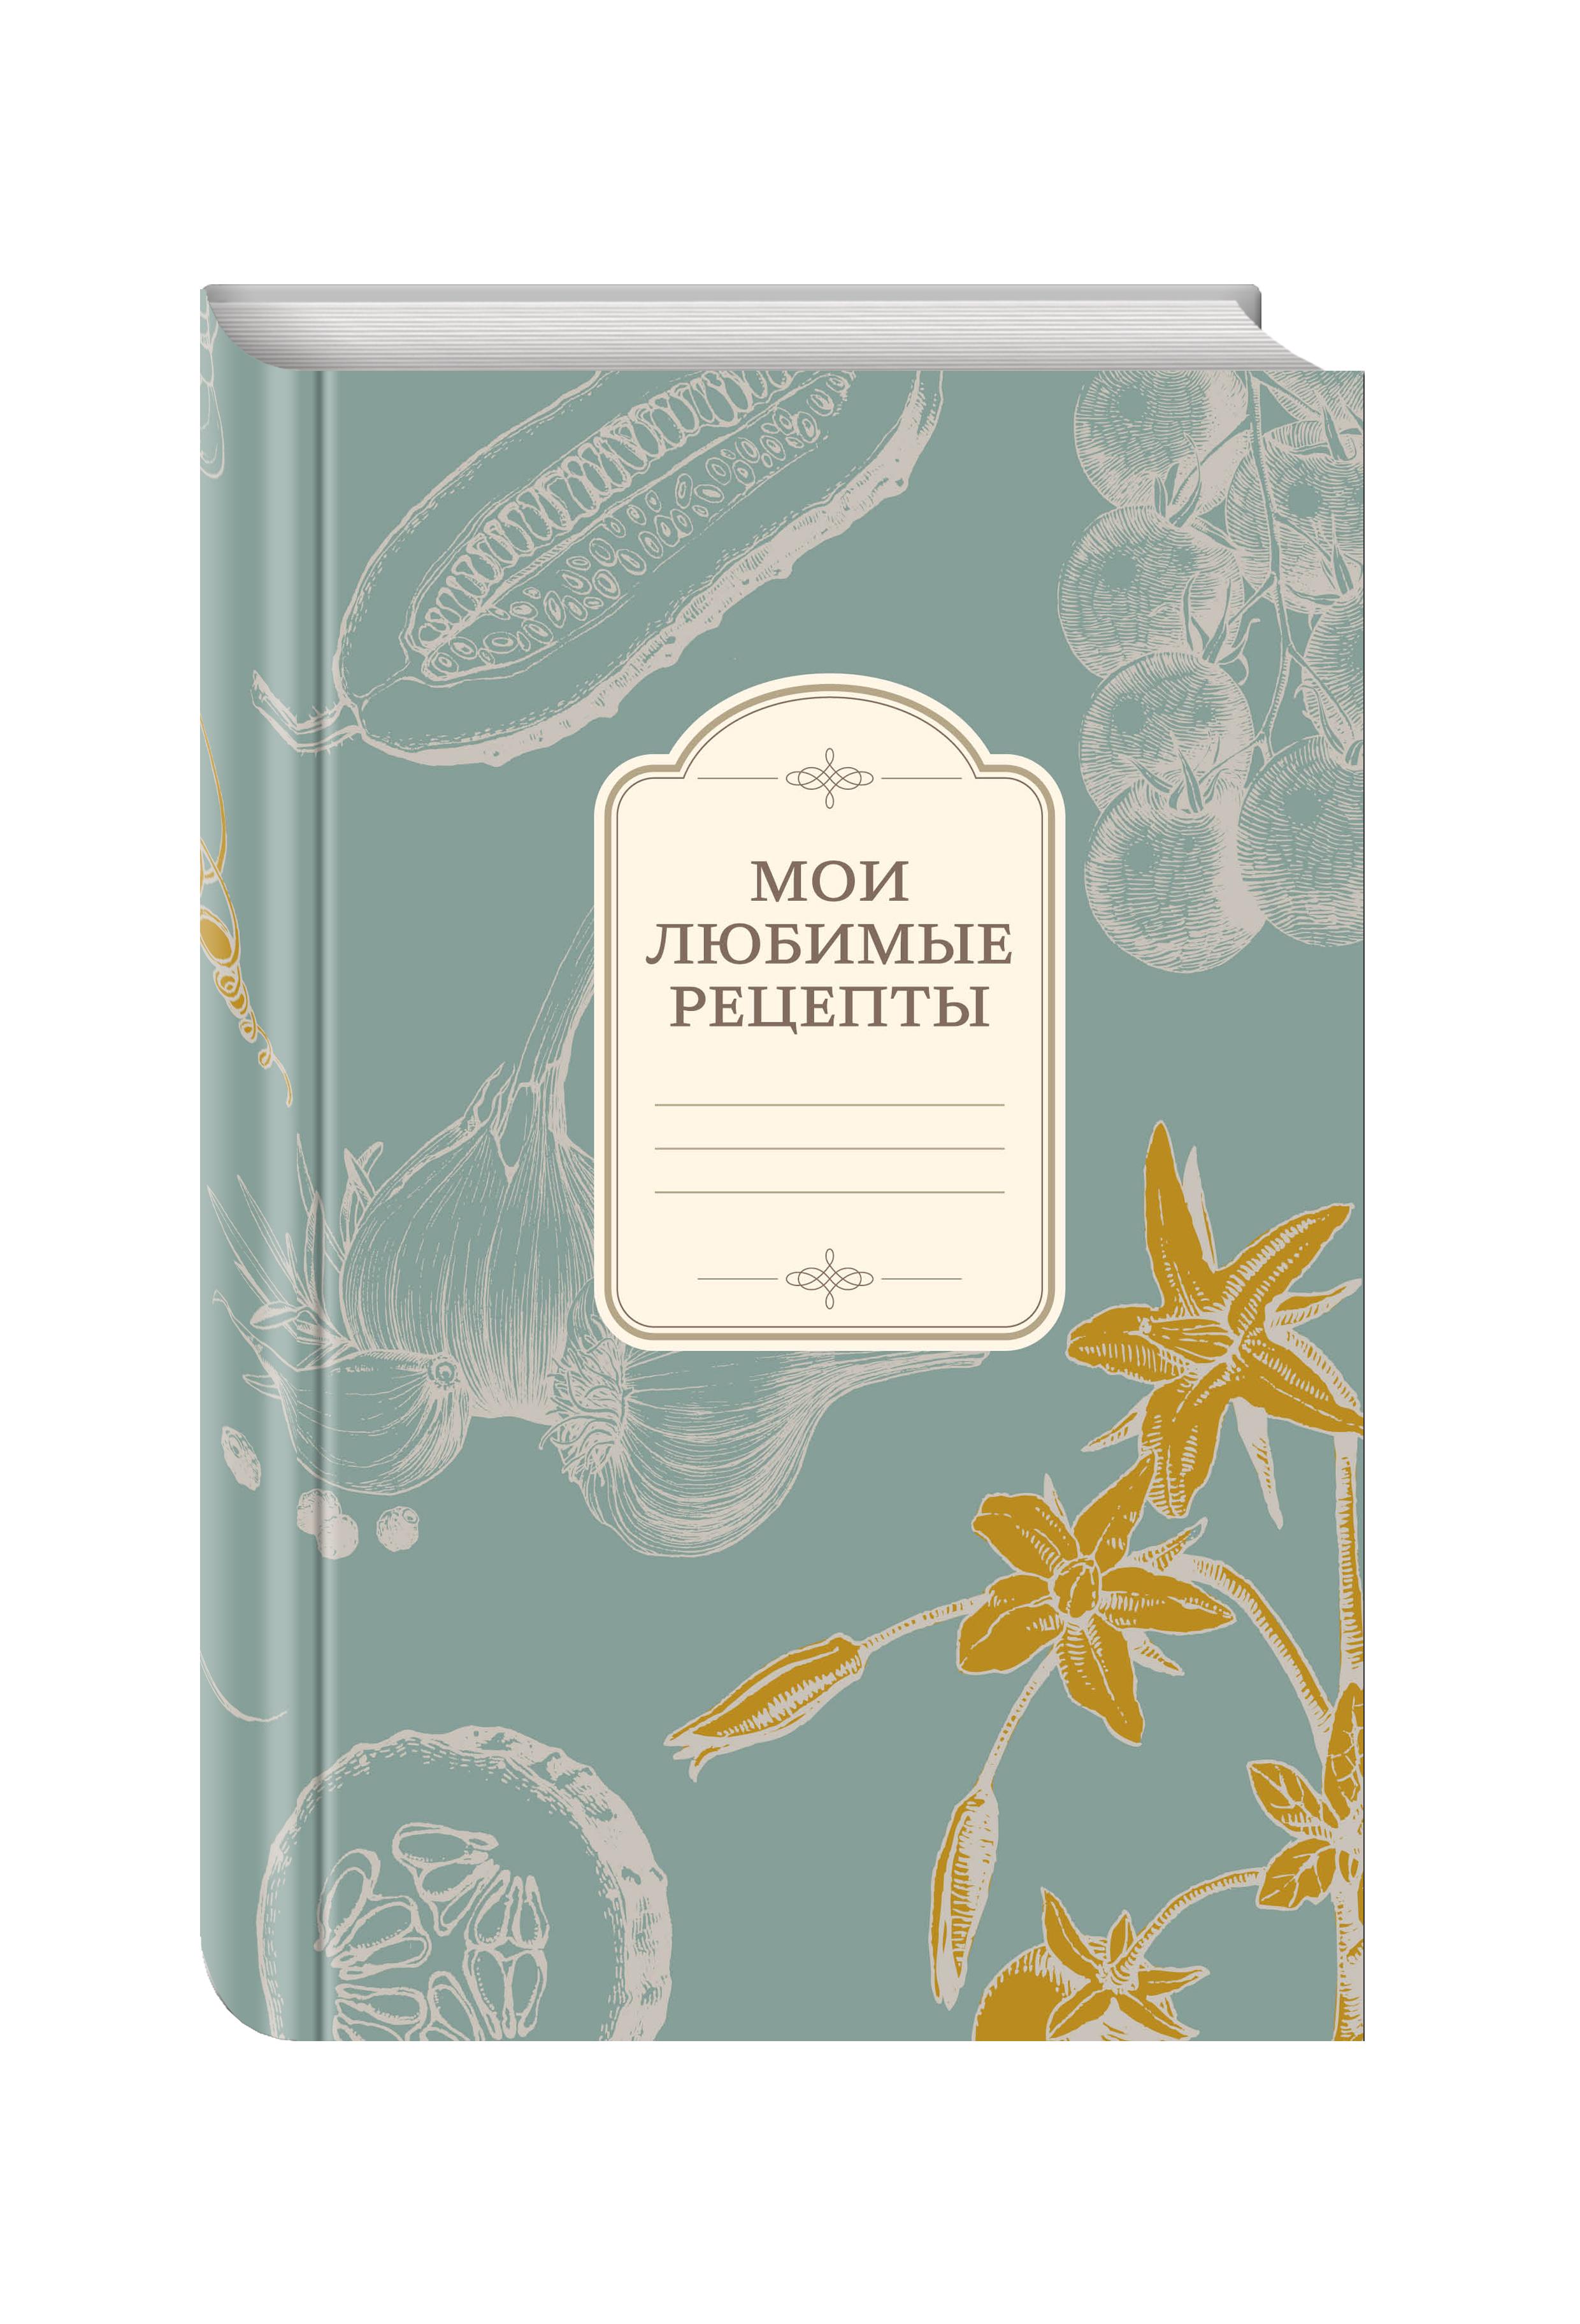 Мои любимые рецепты. Книга для записи рецептов (а5_овощи_серый фон)